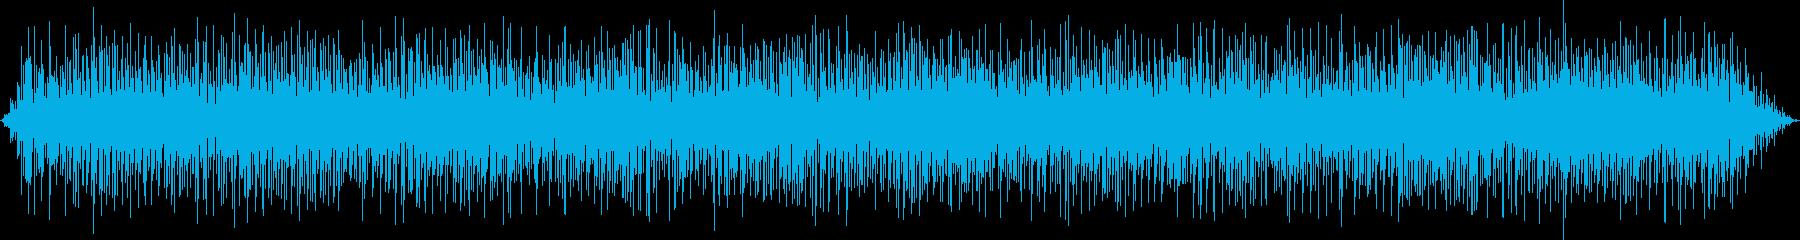 宇宙・アンビエント系の不思議なアルペジオの再生済みの波形